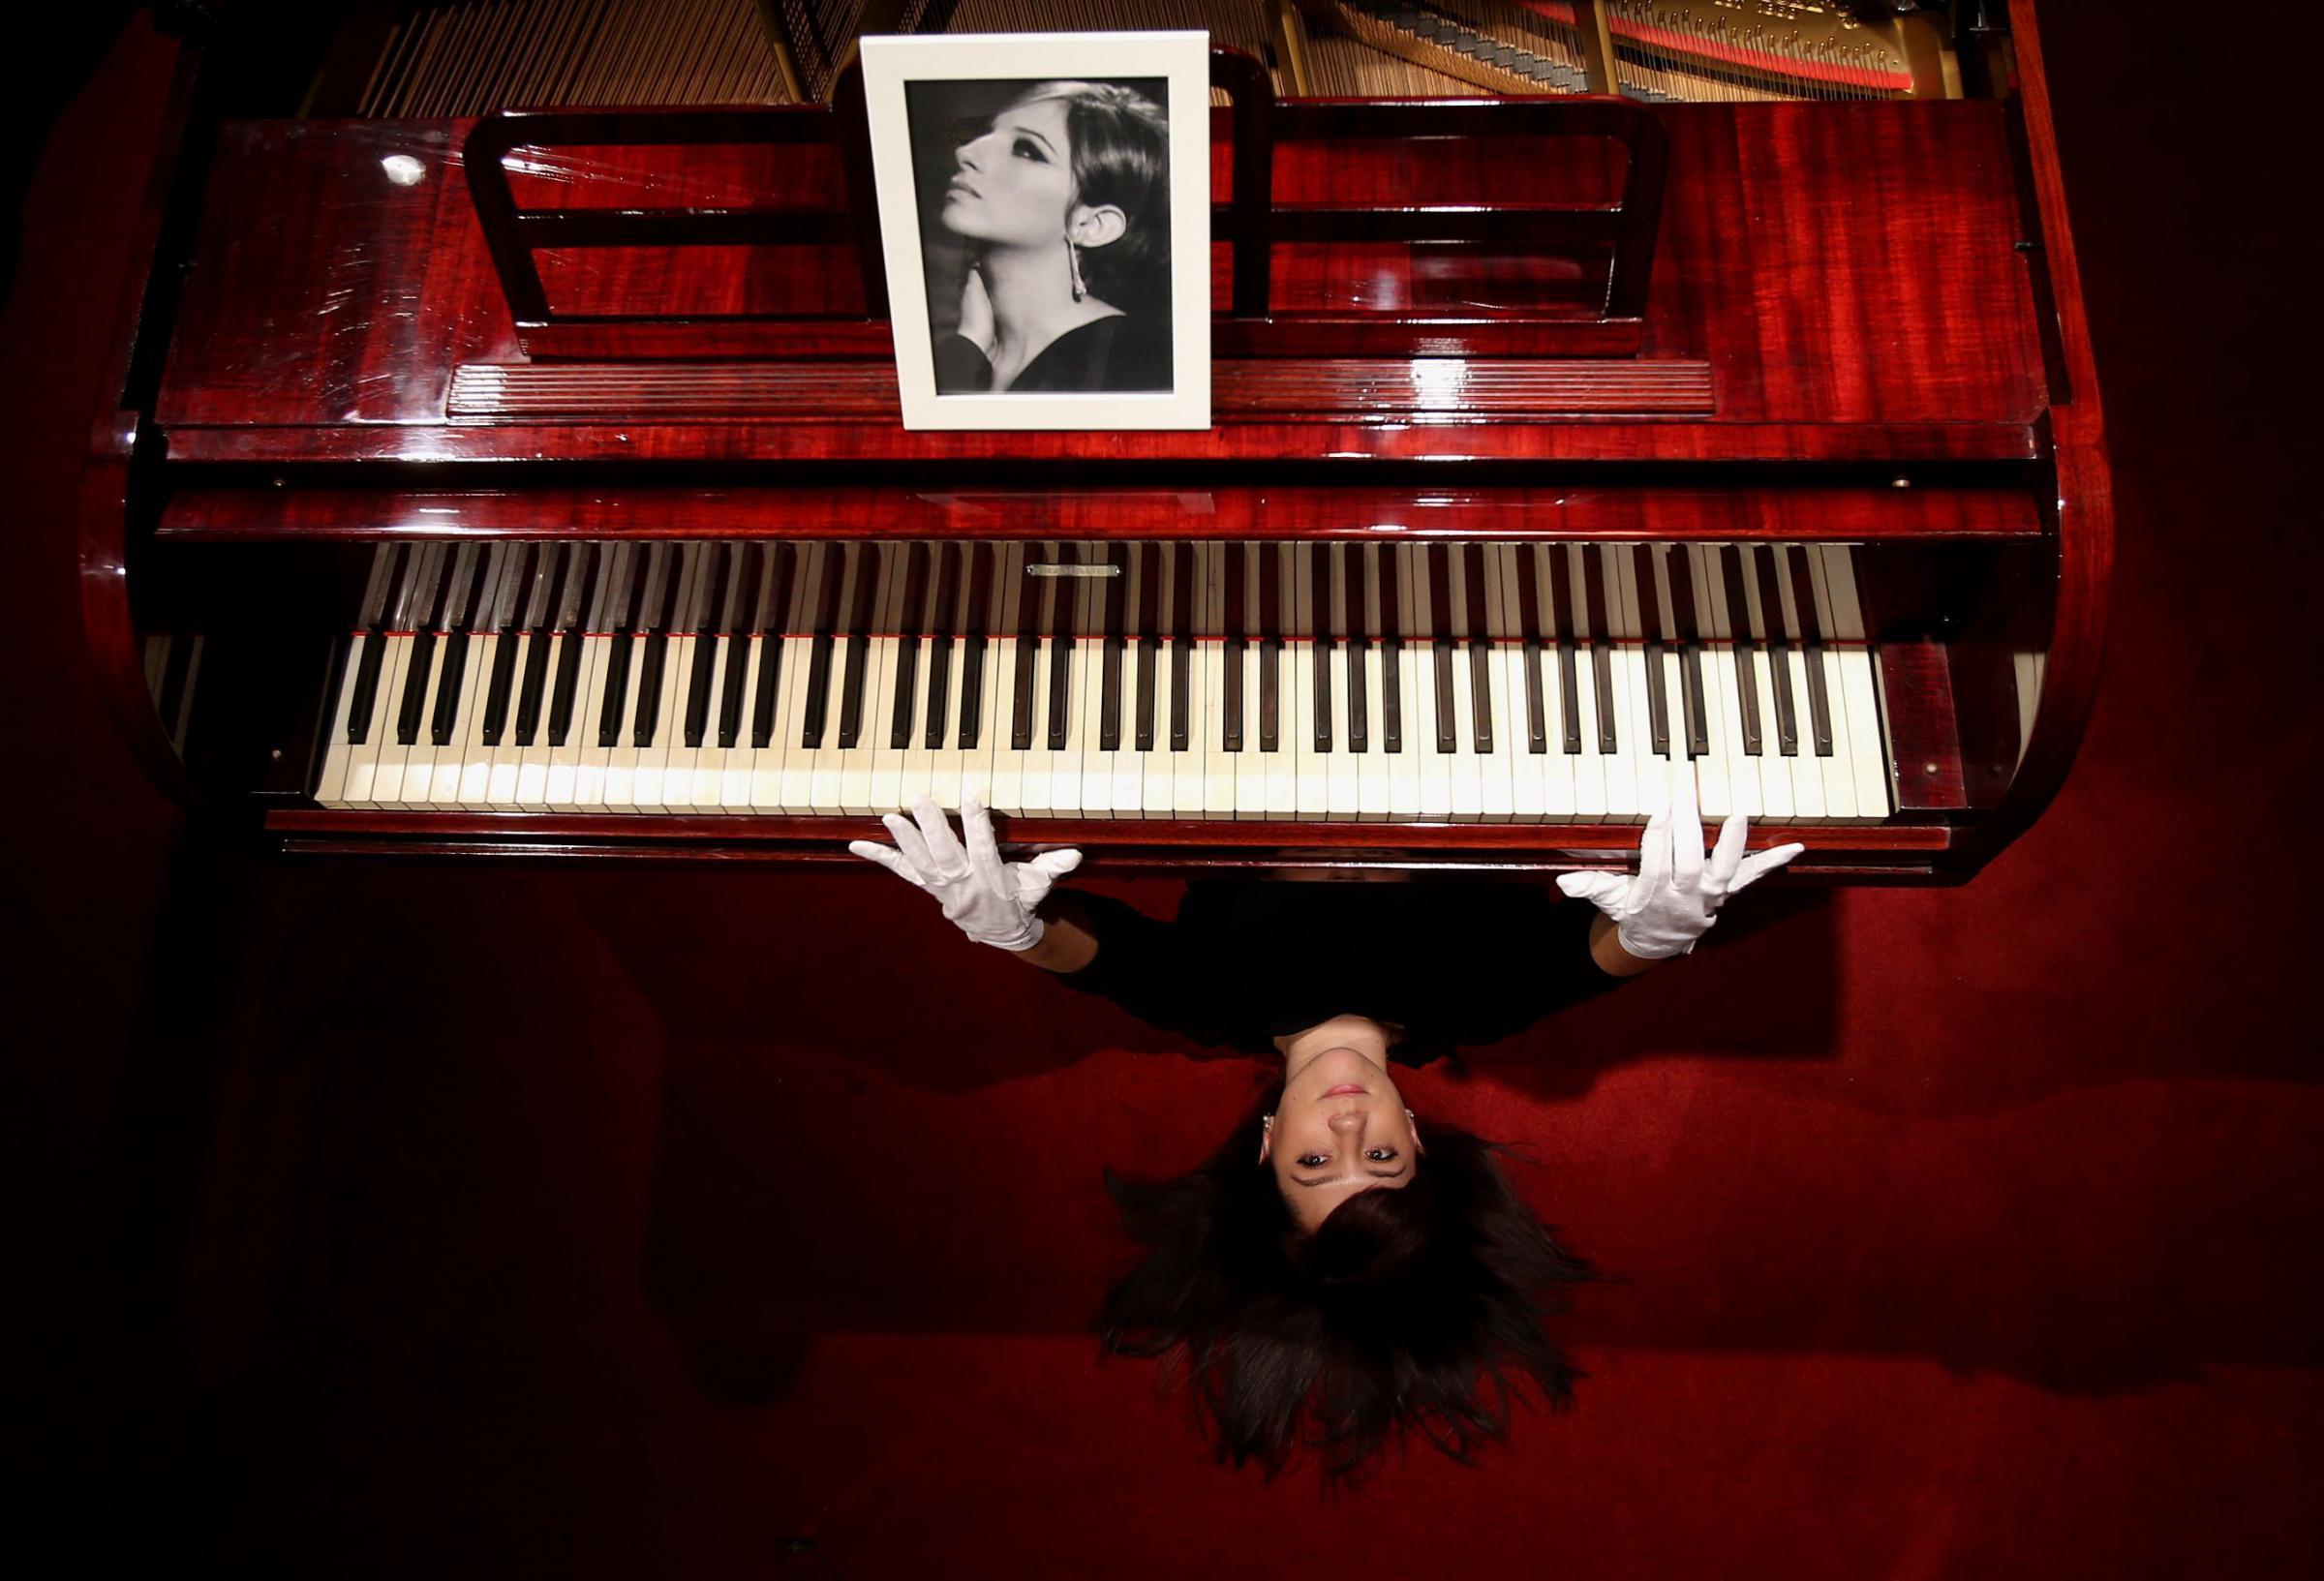 Barbra Streisand piano